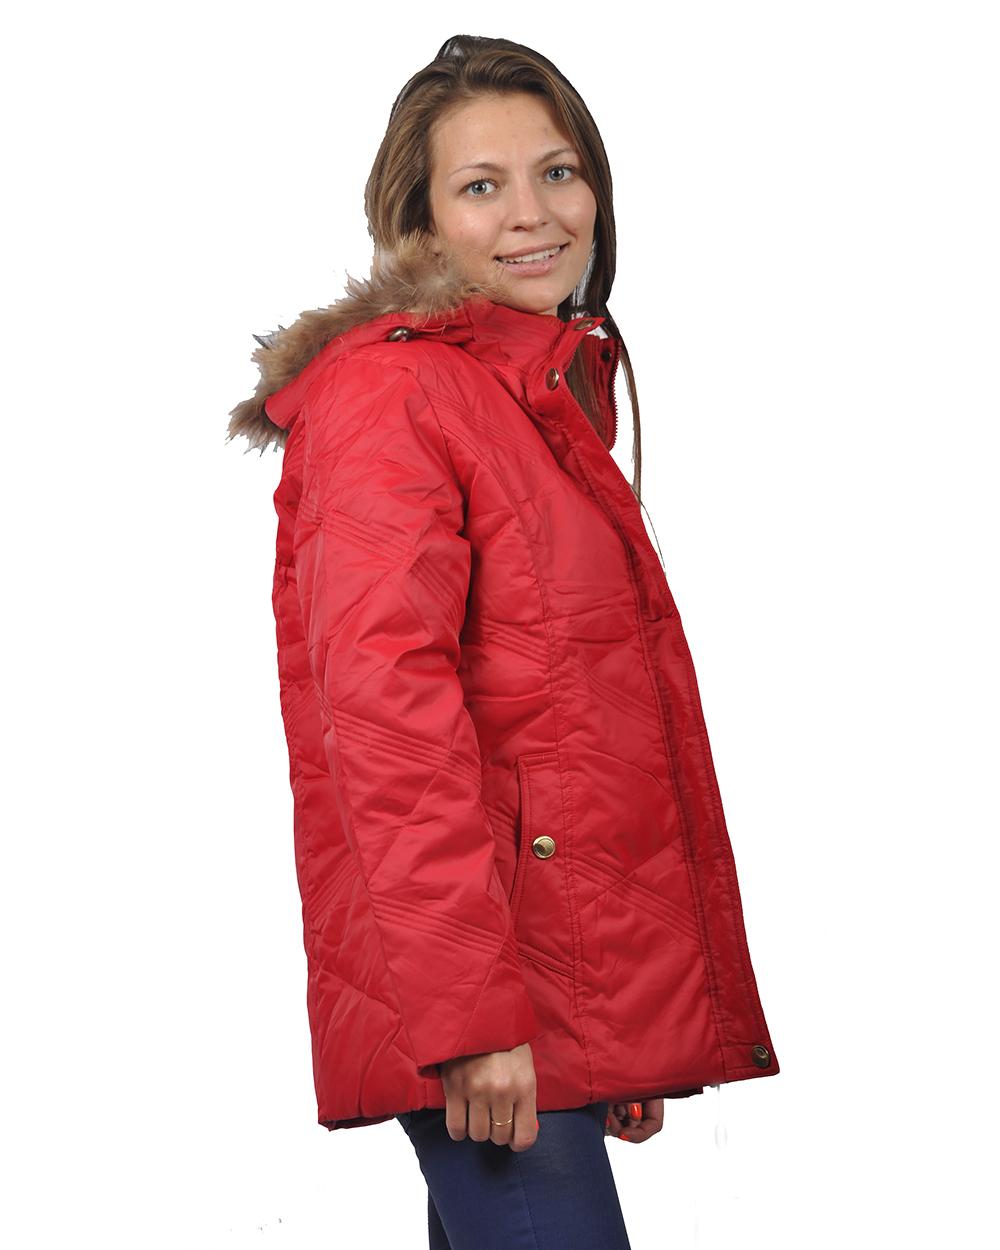 Купить Куртку Зимнюю Красную Женскую